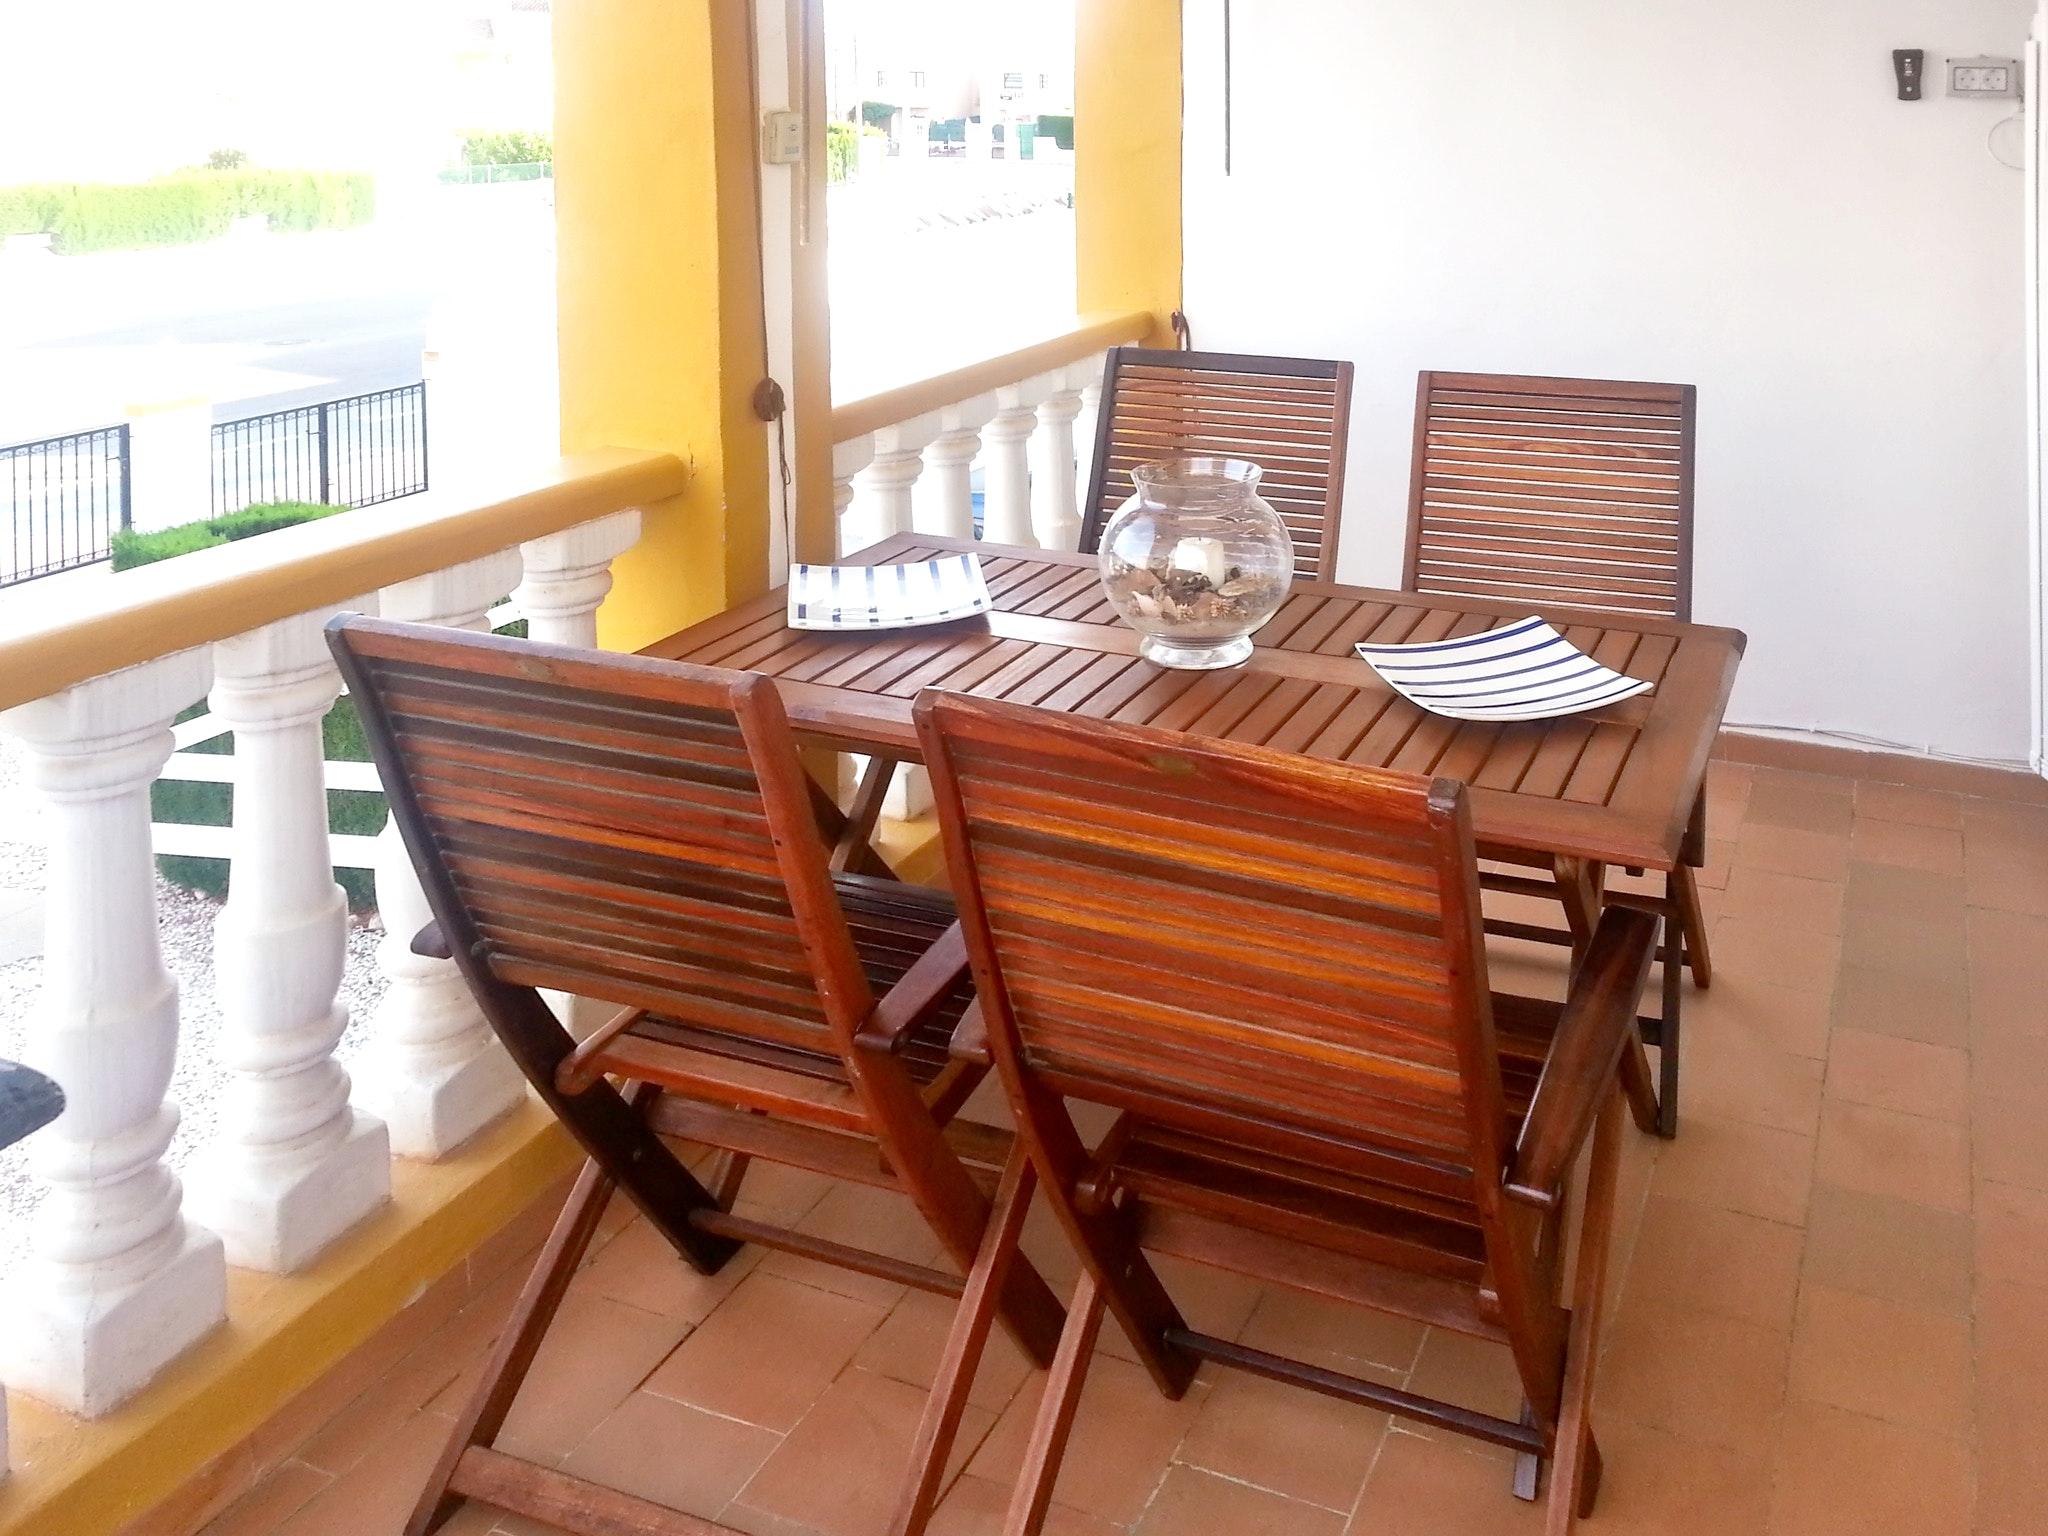 Ferienhaus Sonniges Haus mit 2 Schlafzimmern, WLAN, Swimmingpool und Solarium nahe Torrevieja - 1km z (2202043), Torrevieja, Costa Blanca, Valencia, Spanien, Bild 5